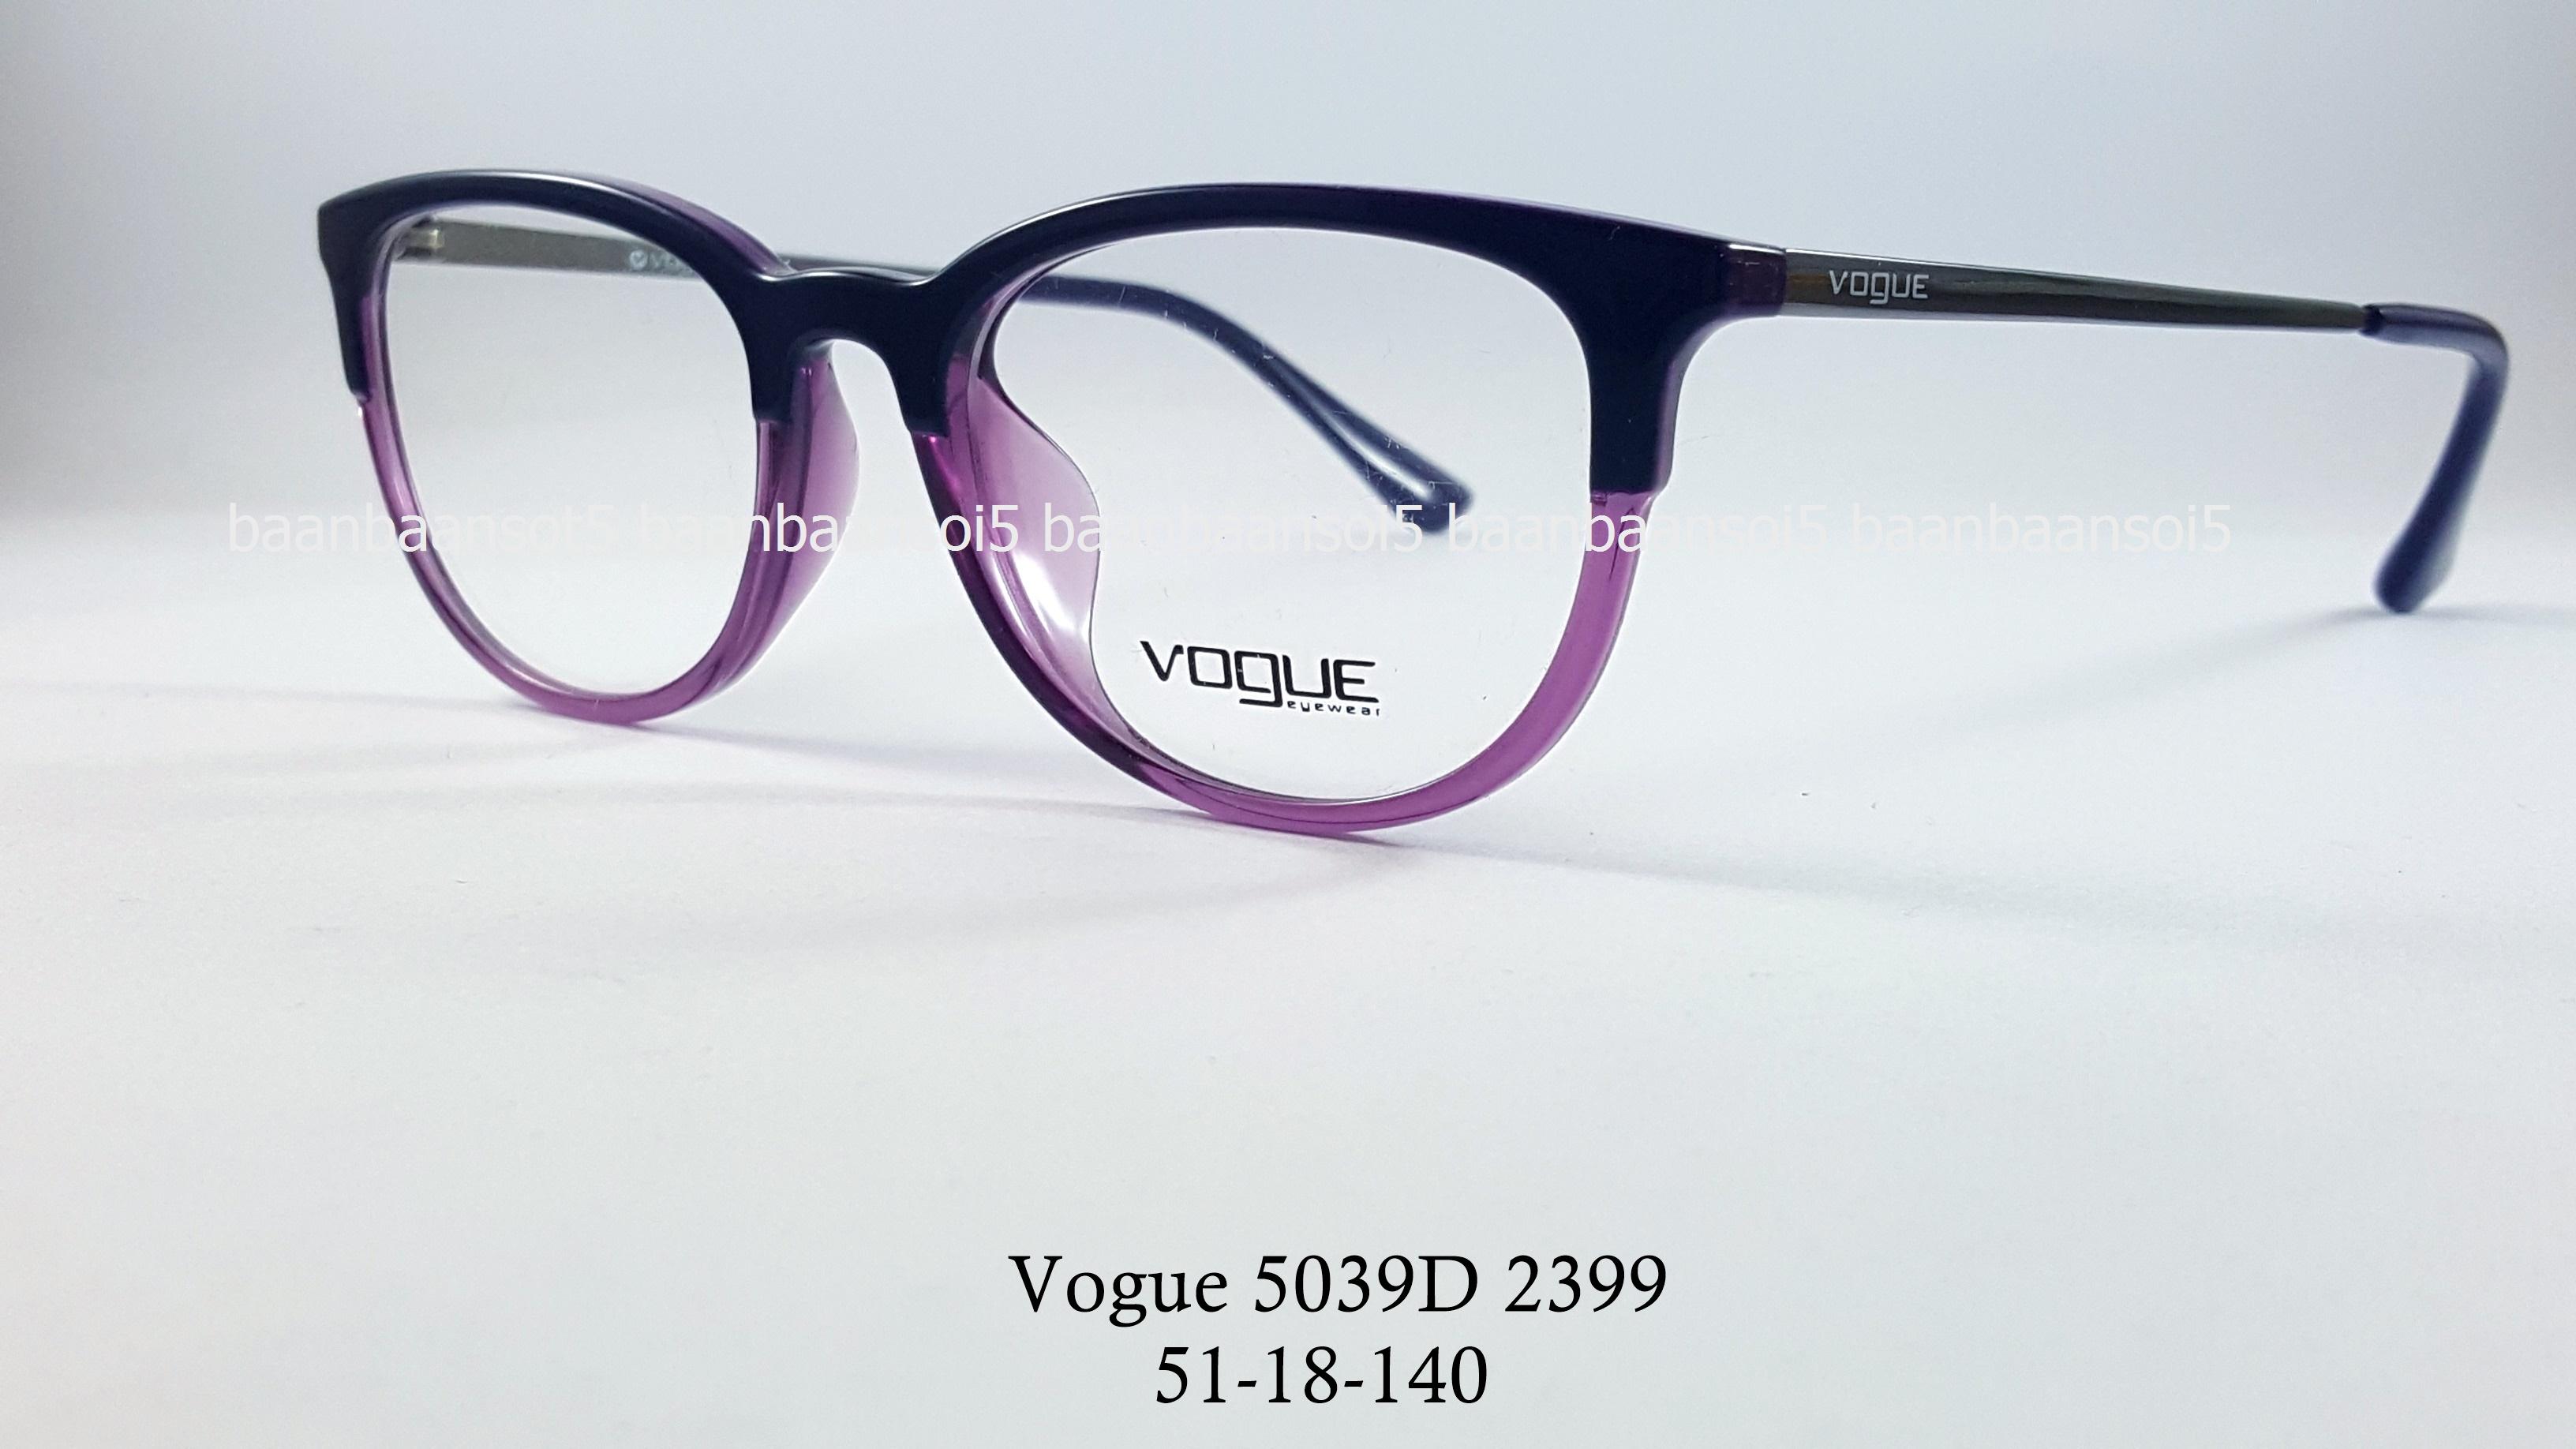 Vogue vo 5039D 2399 โปรโมชั่น กรอบแว่นตาพร้อมเลนส์ HOYA ราคา 2,500 บาท